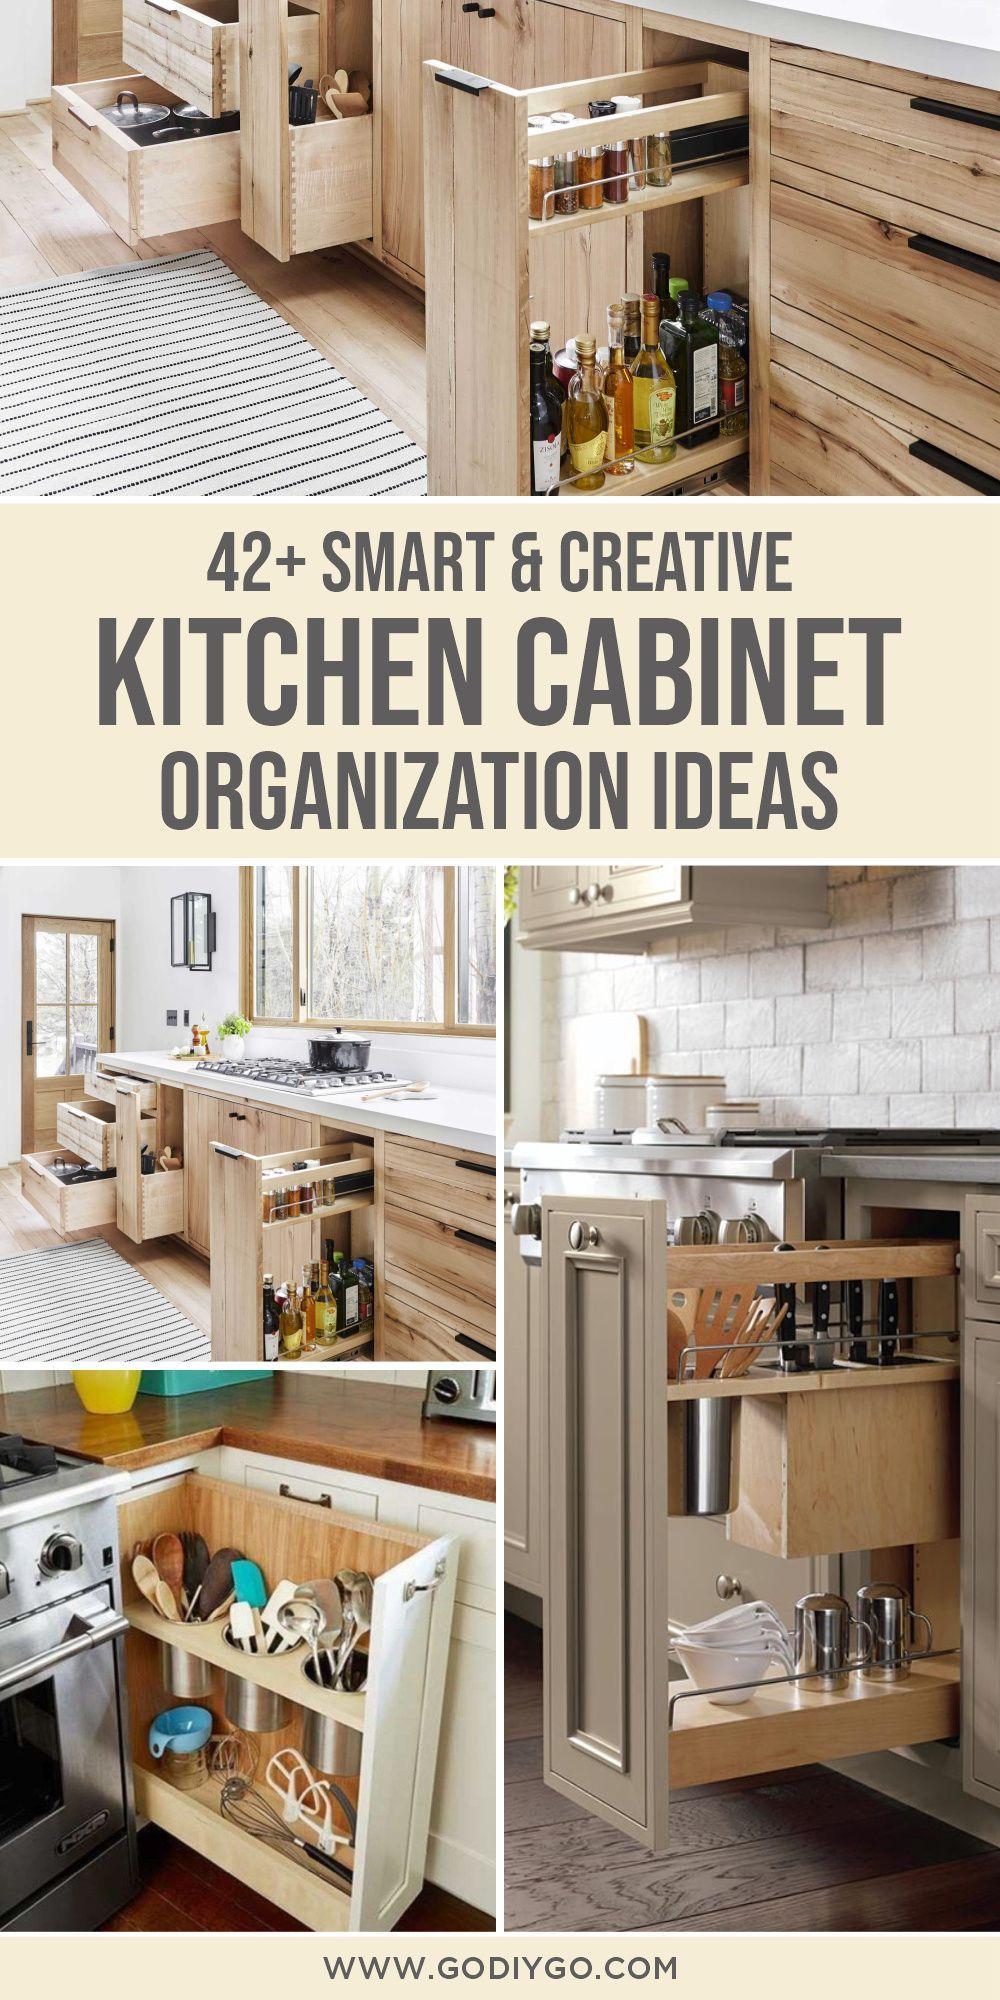 44 Smart Kitchen Cabinet Organization Ideas Godiygo Com In 2020 Kitchen Cabinet Organization Kitchen Cabinets Best Kitchen Cabinets